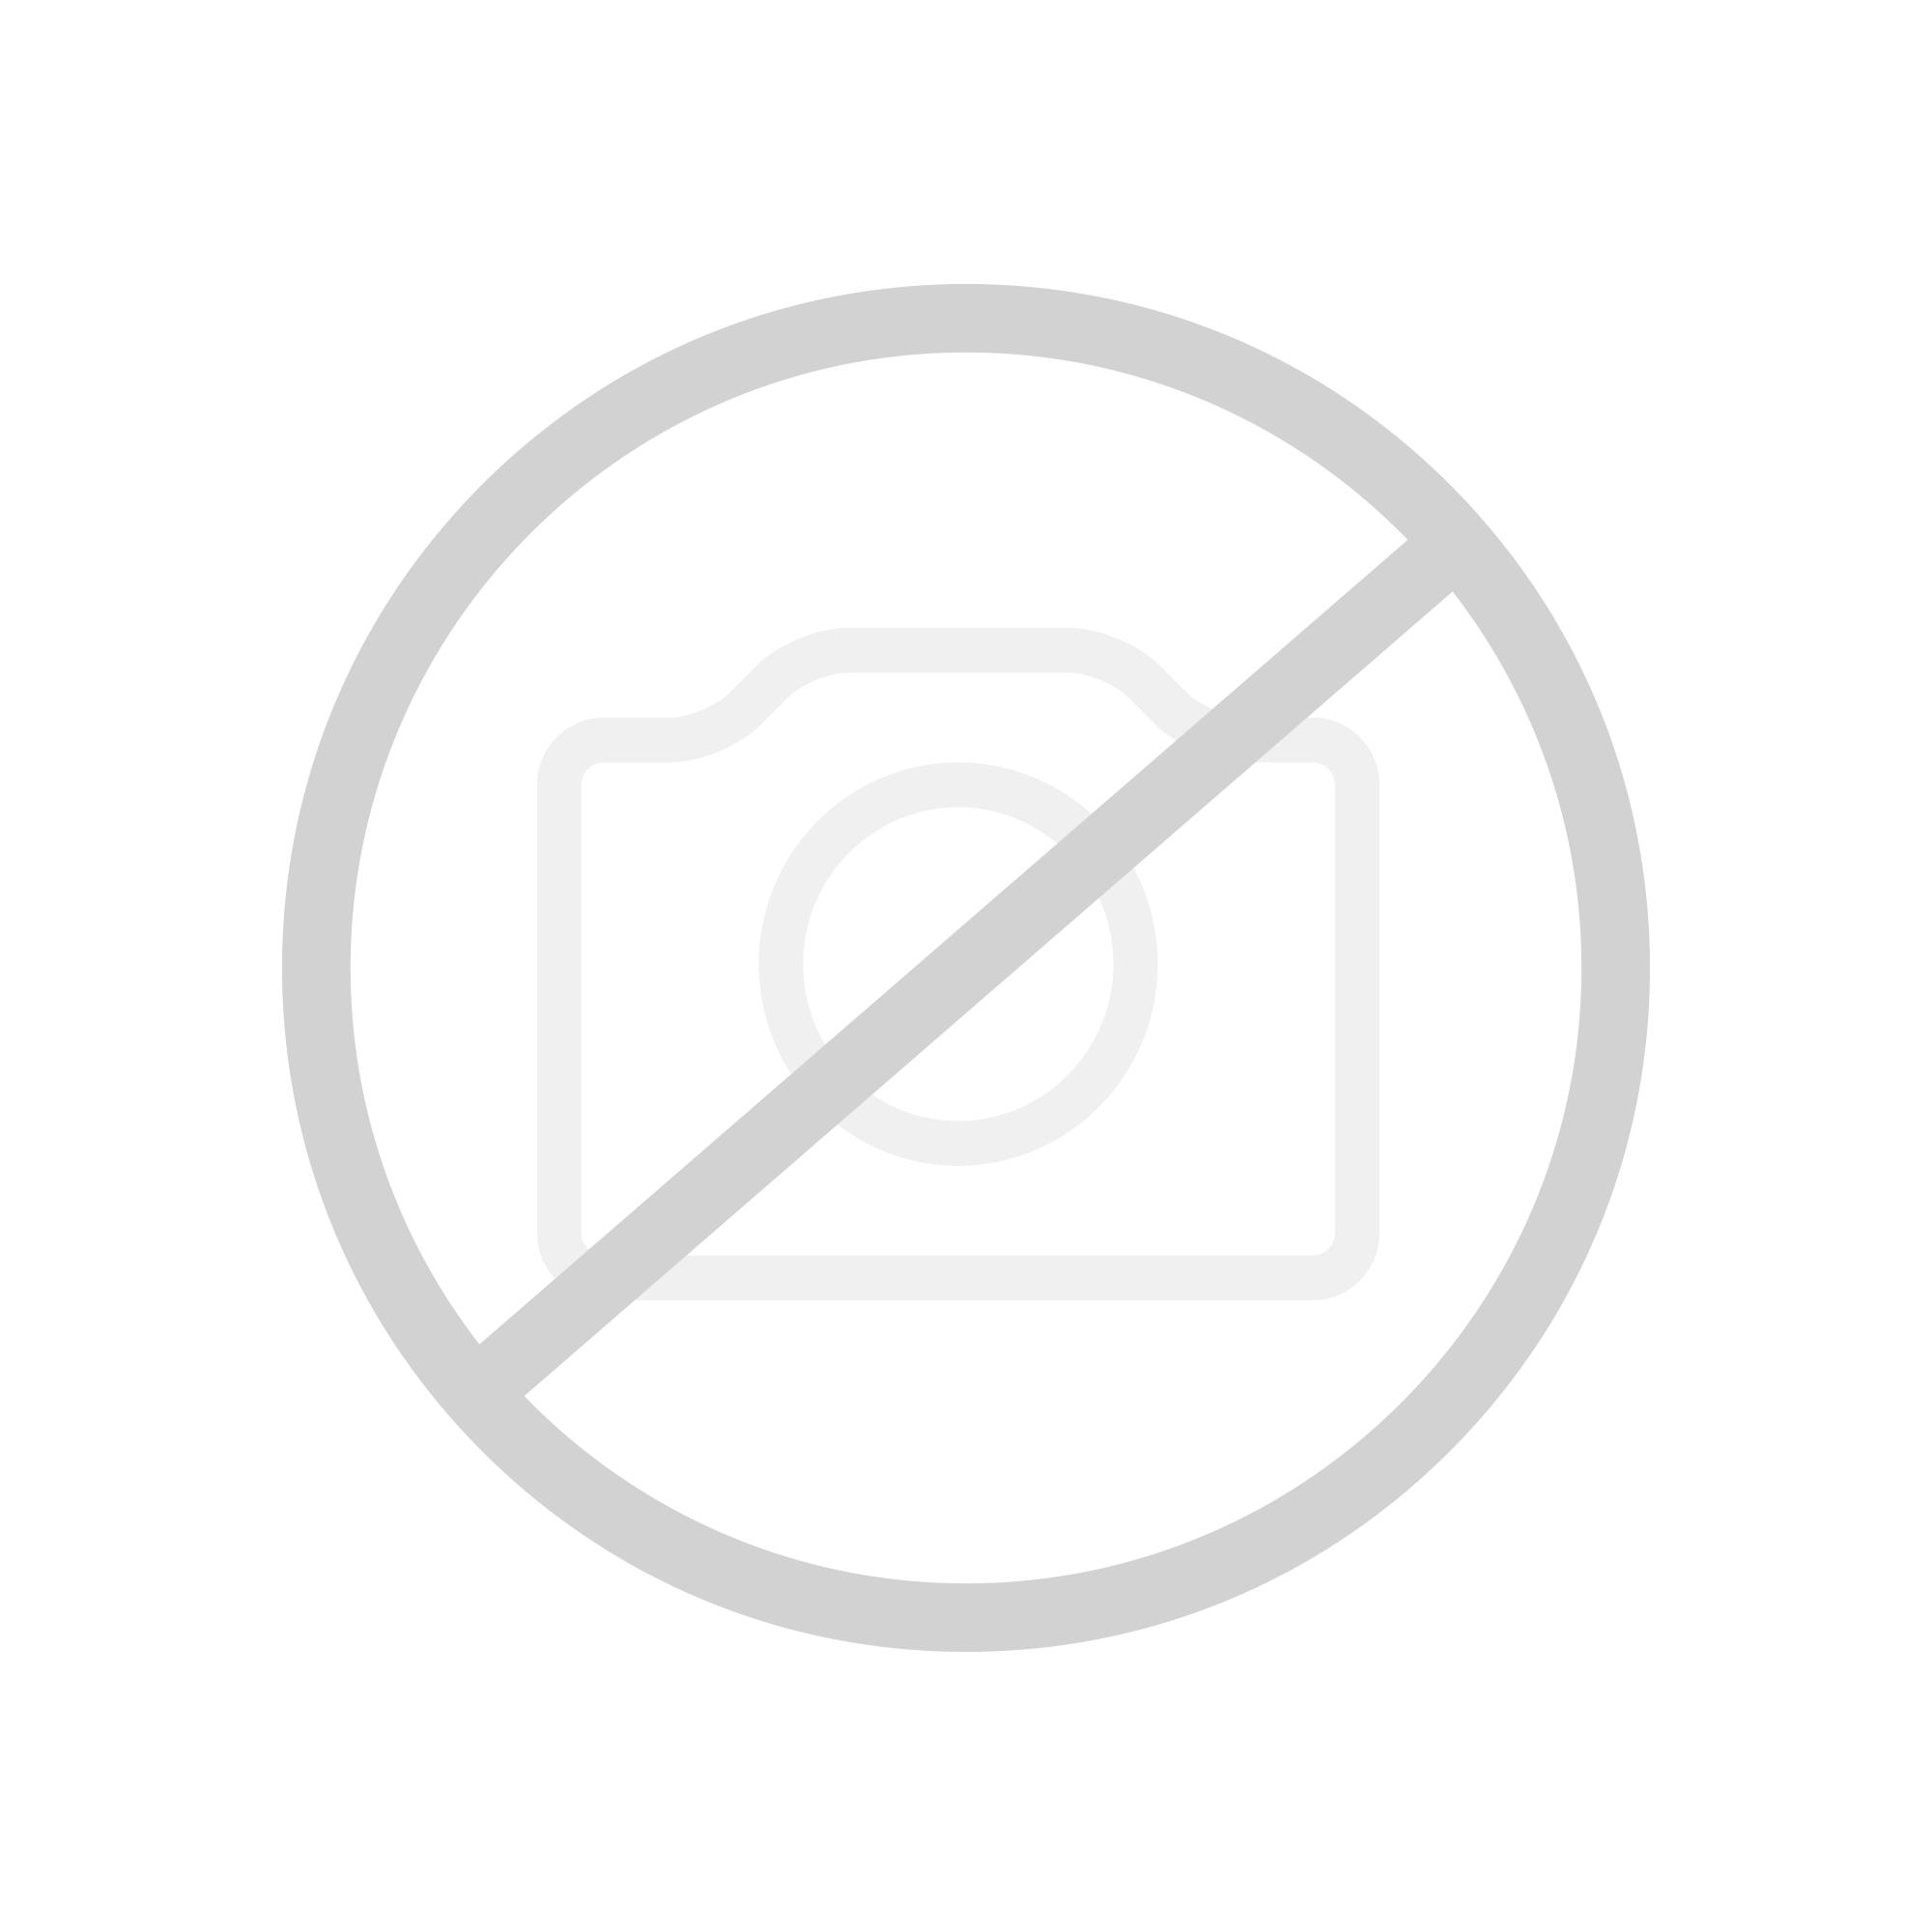 Duschhocker acryl  Decor Walther Duschhocker weiß hochglanz - 0506850 | REUTER